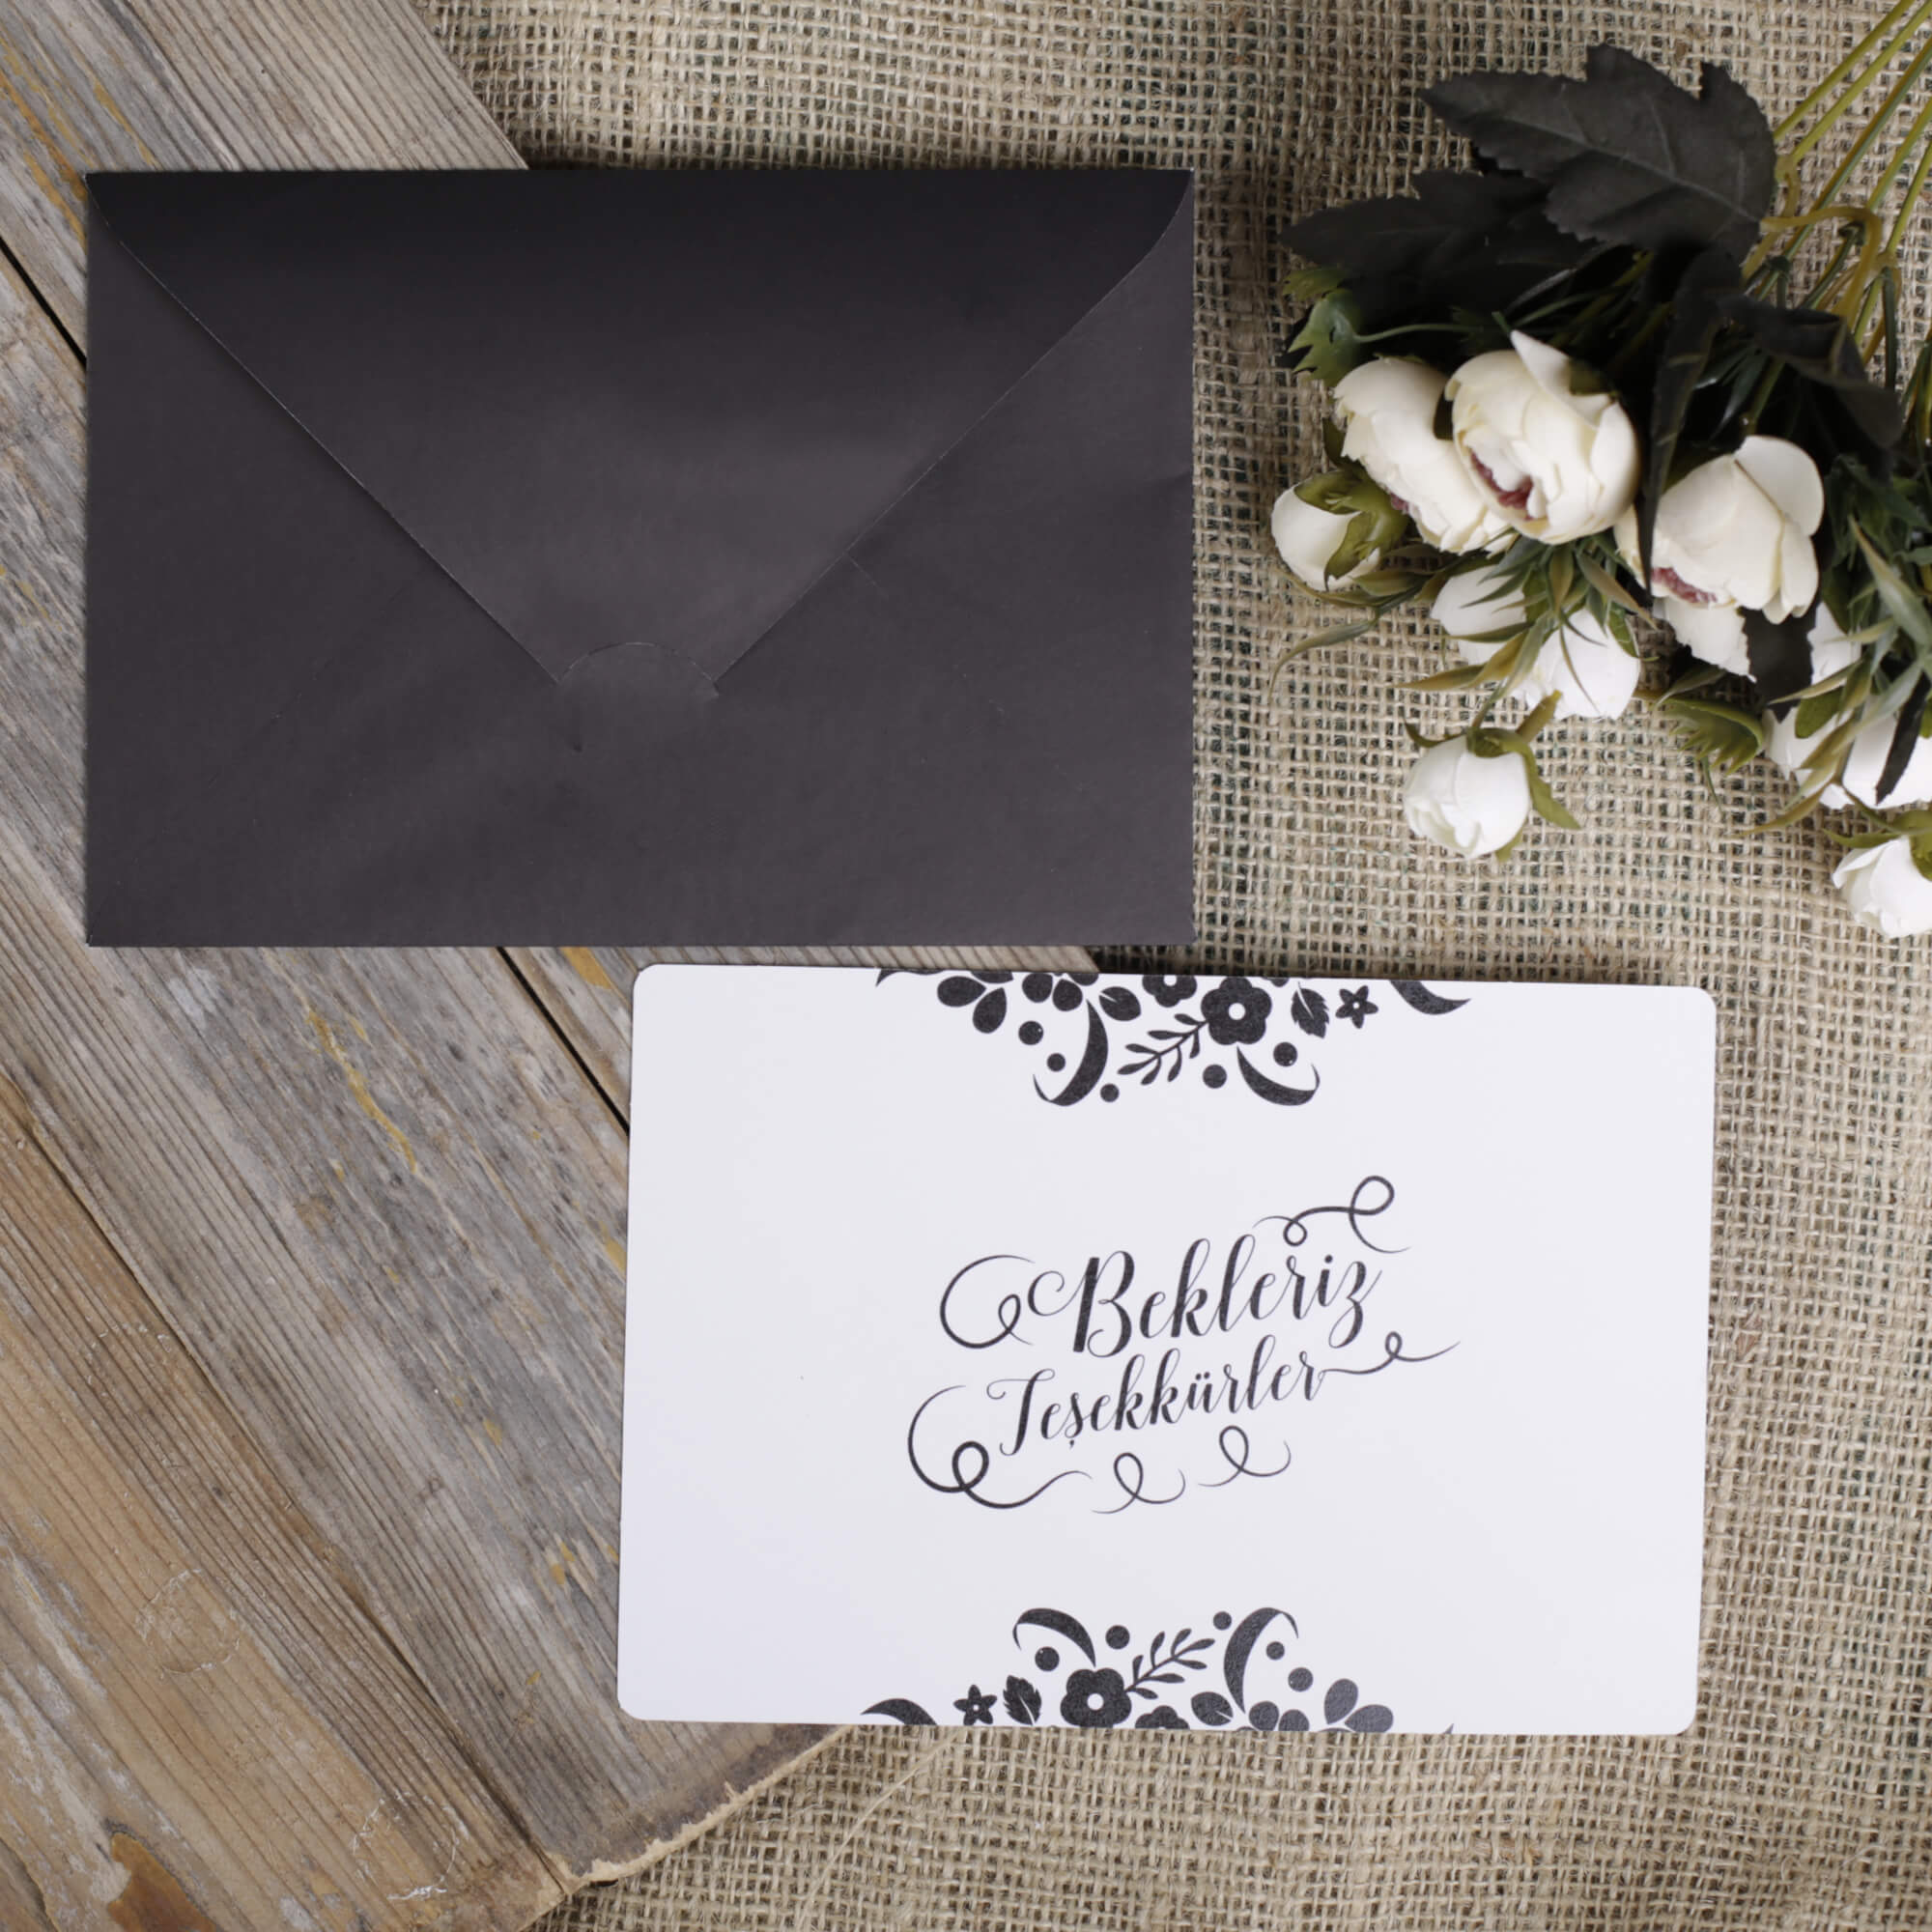 siyah-zarflı-düğün-davetiyesi-10293-1